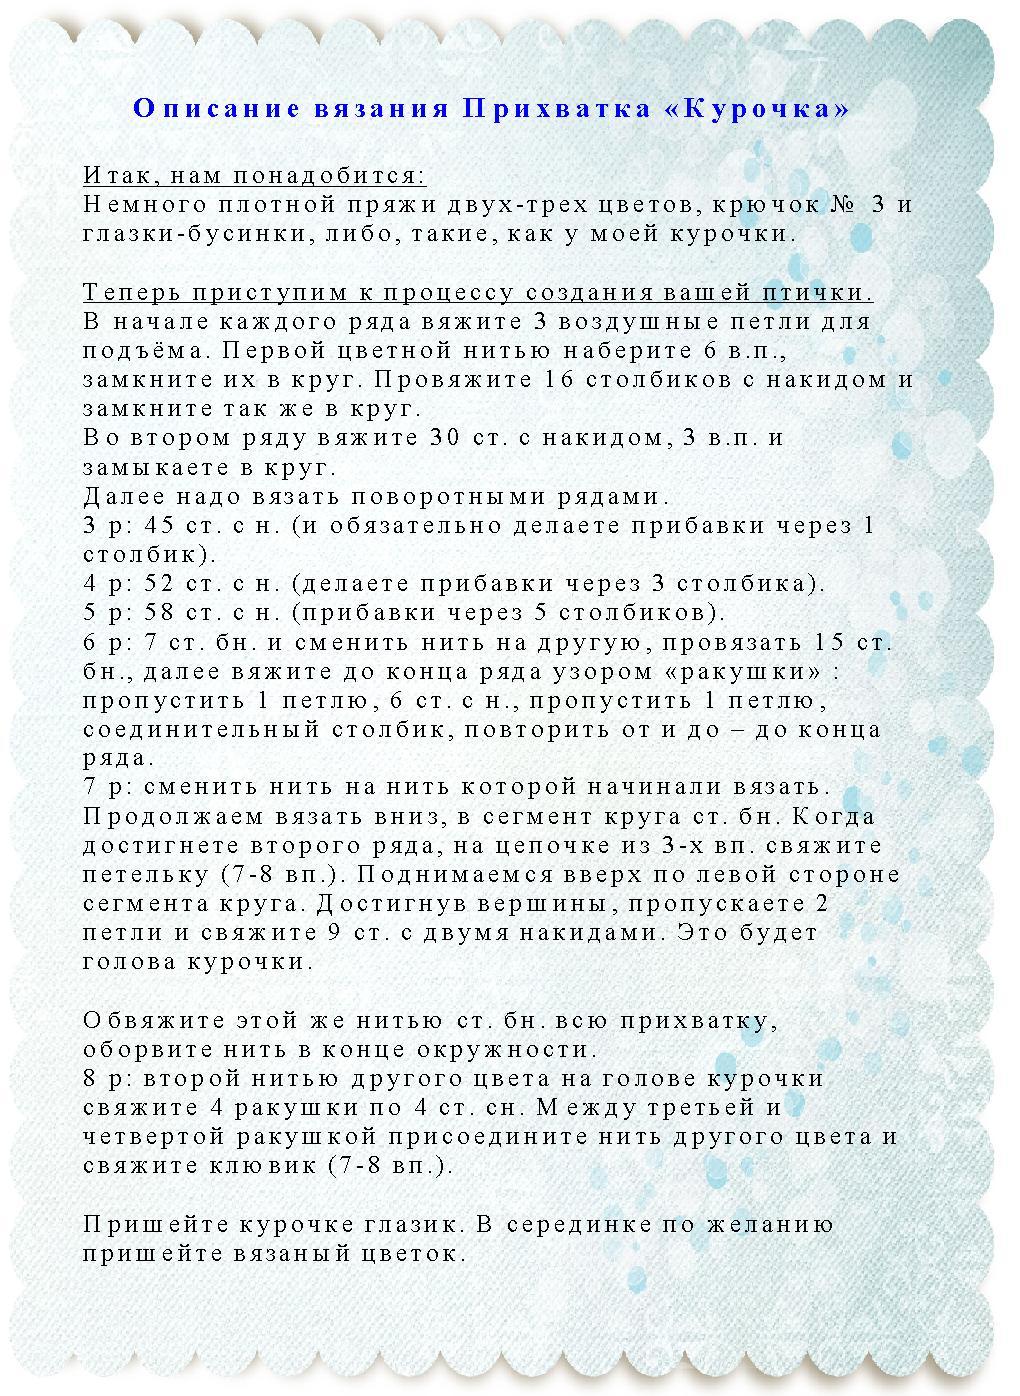 kurochka_vyazanye